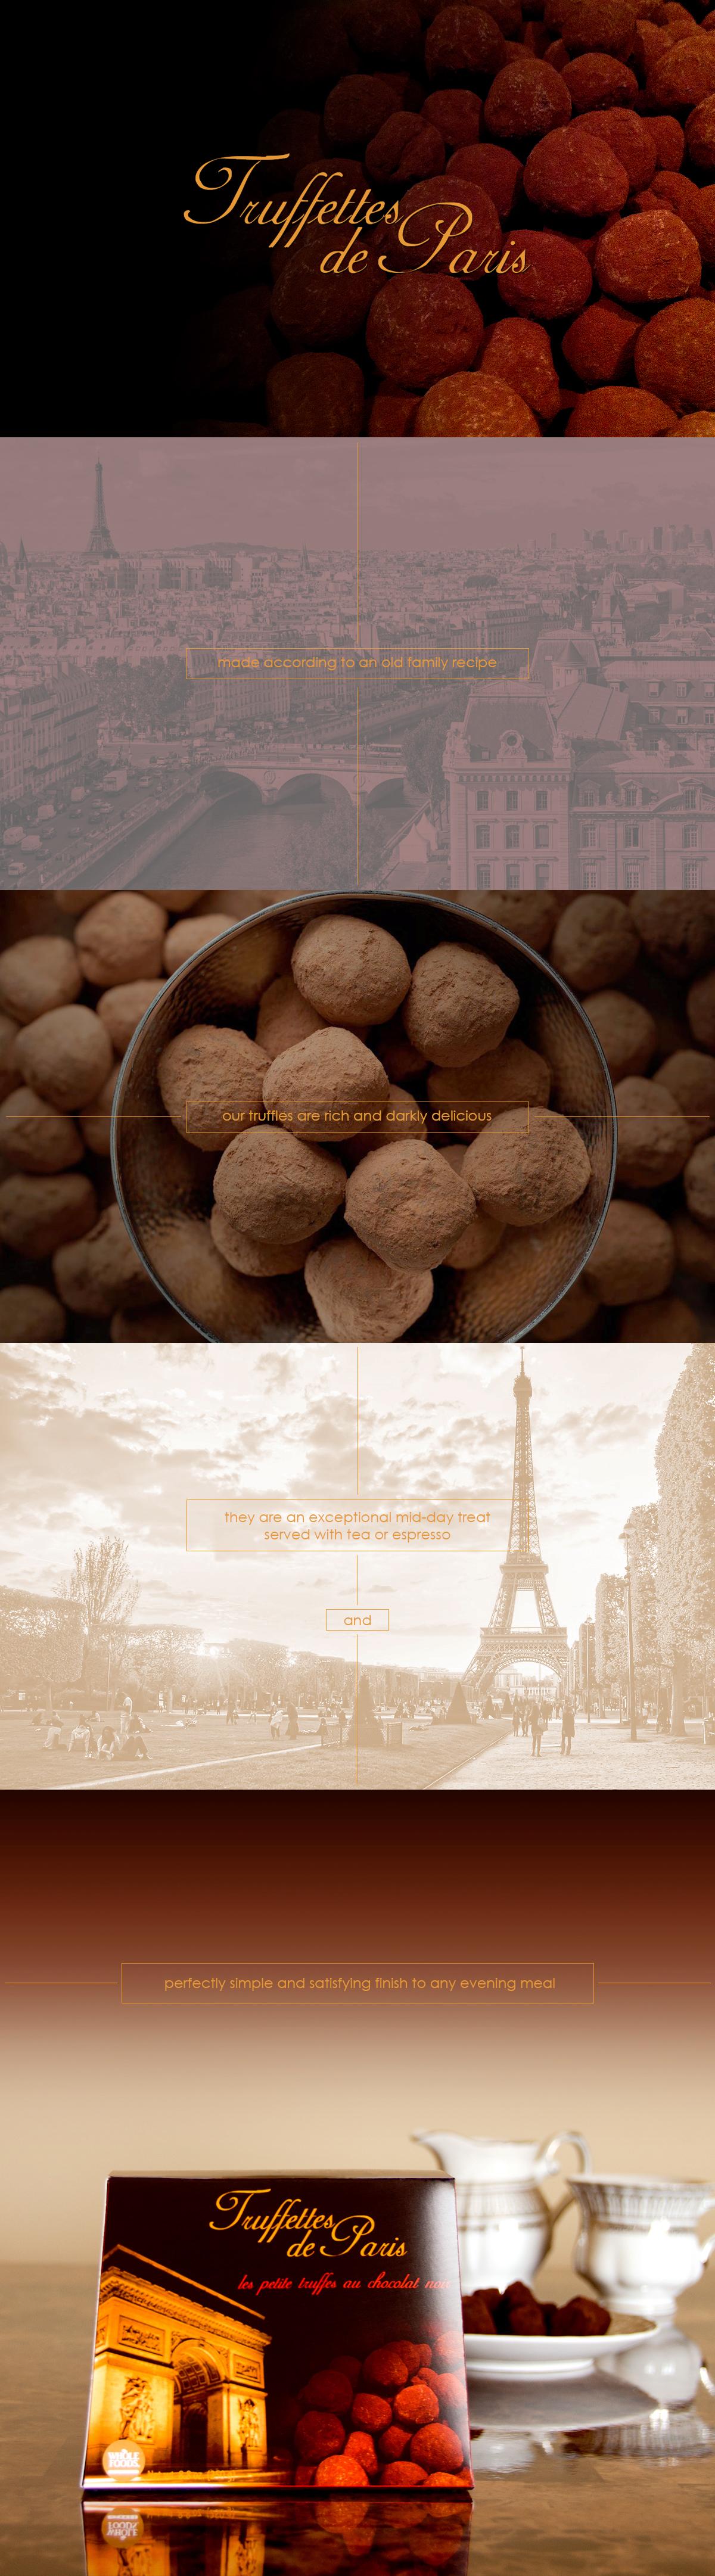 Truffettes de Paris package design